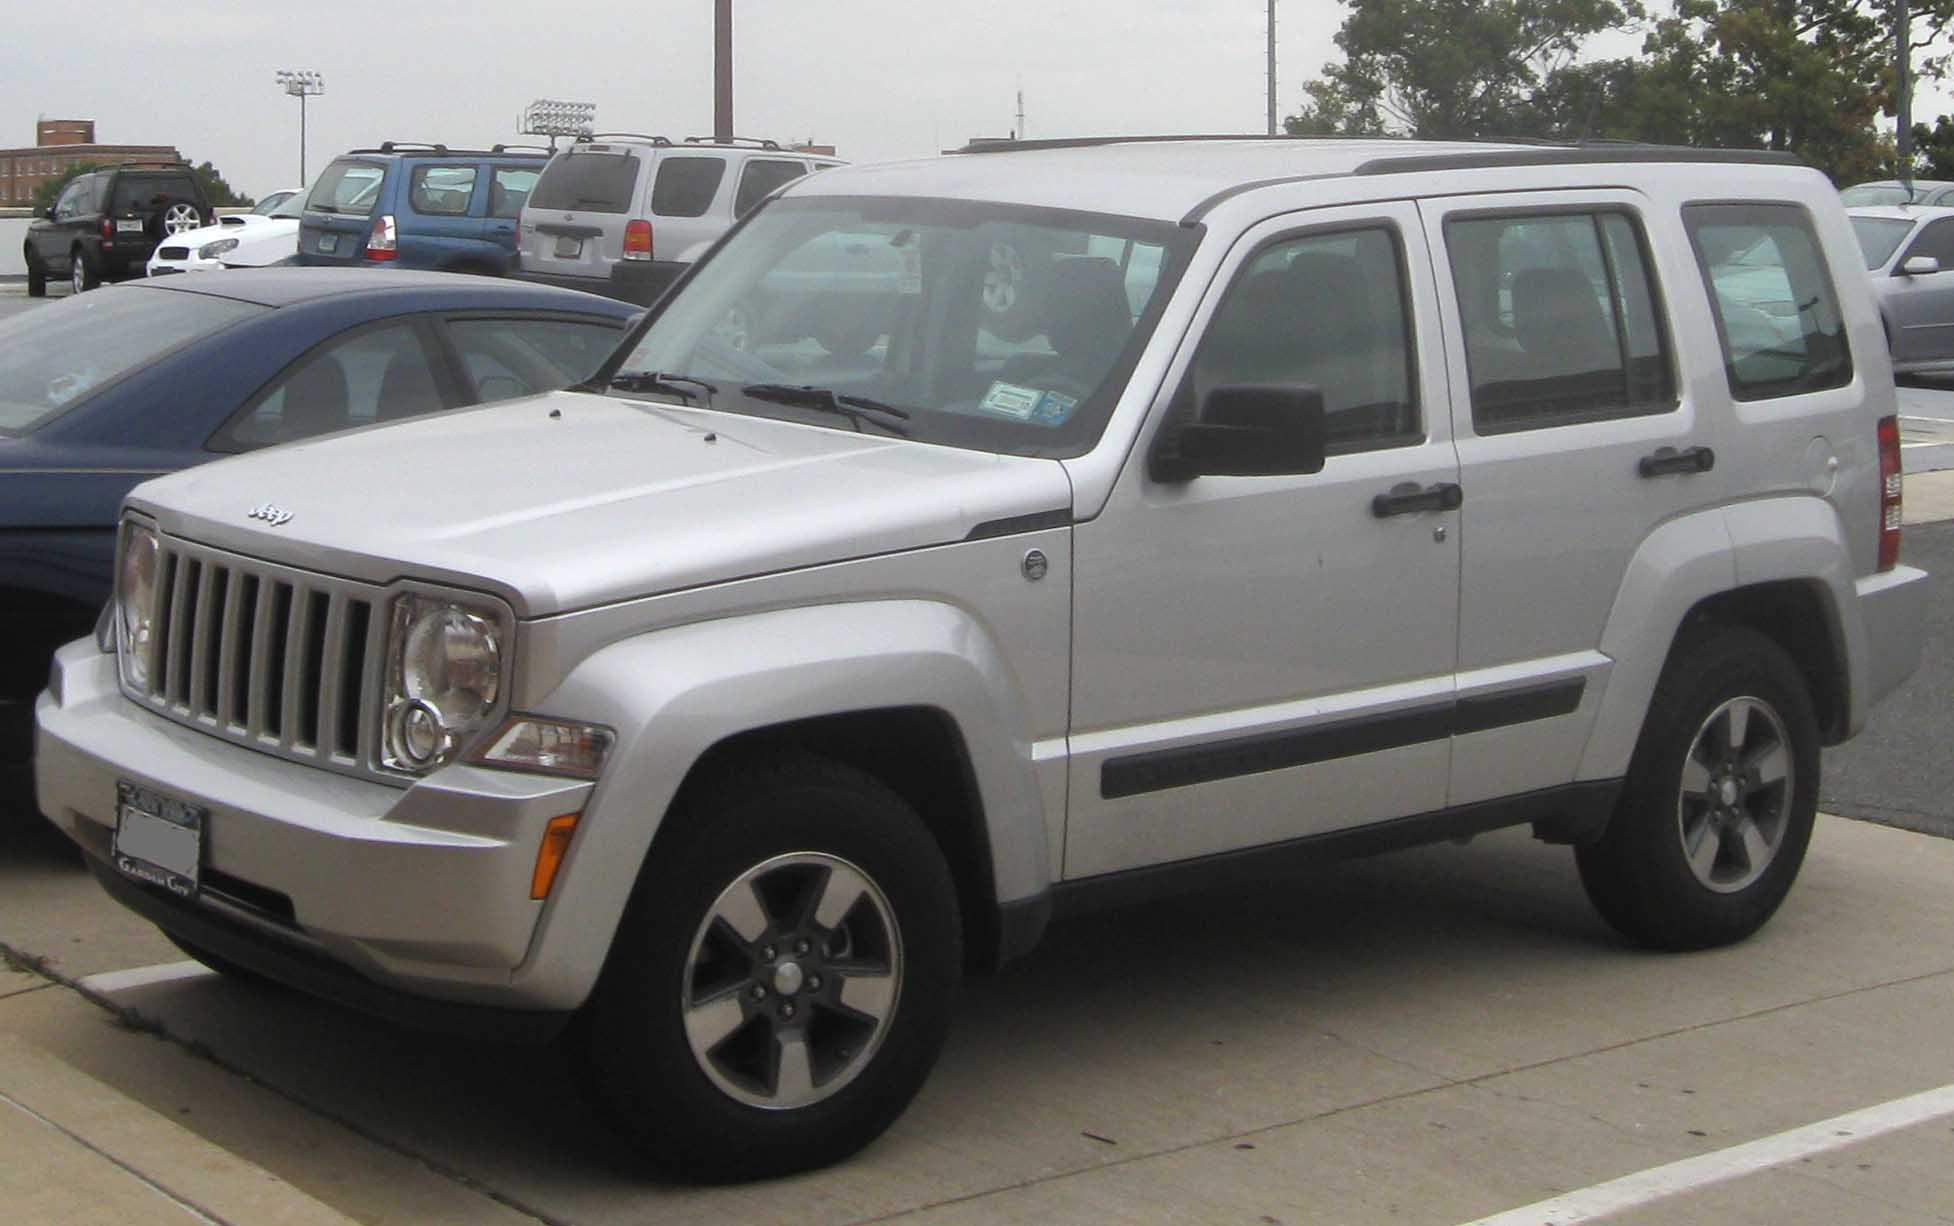 File:2nd Jeep Liberty.jpg - Wikimedia Commons